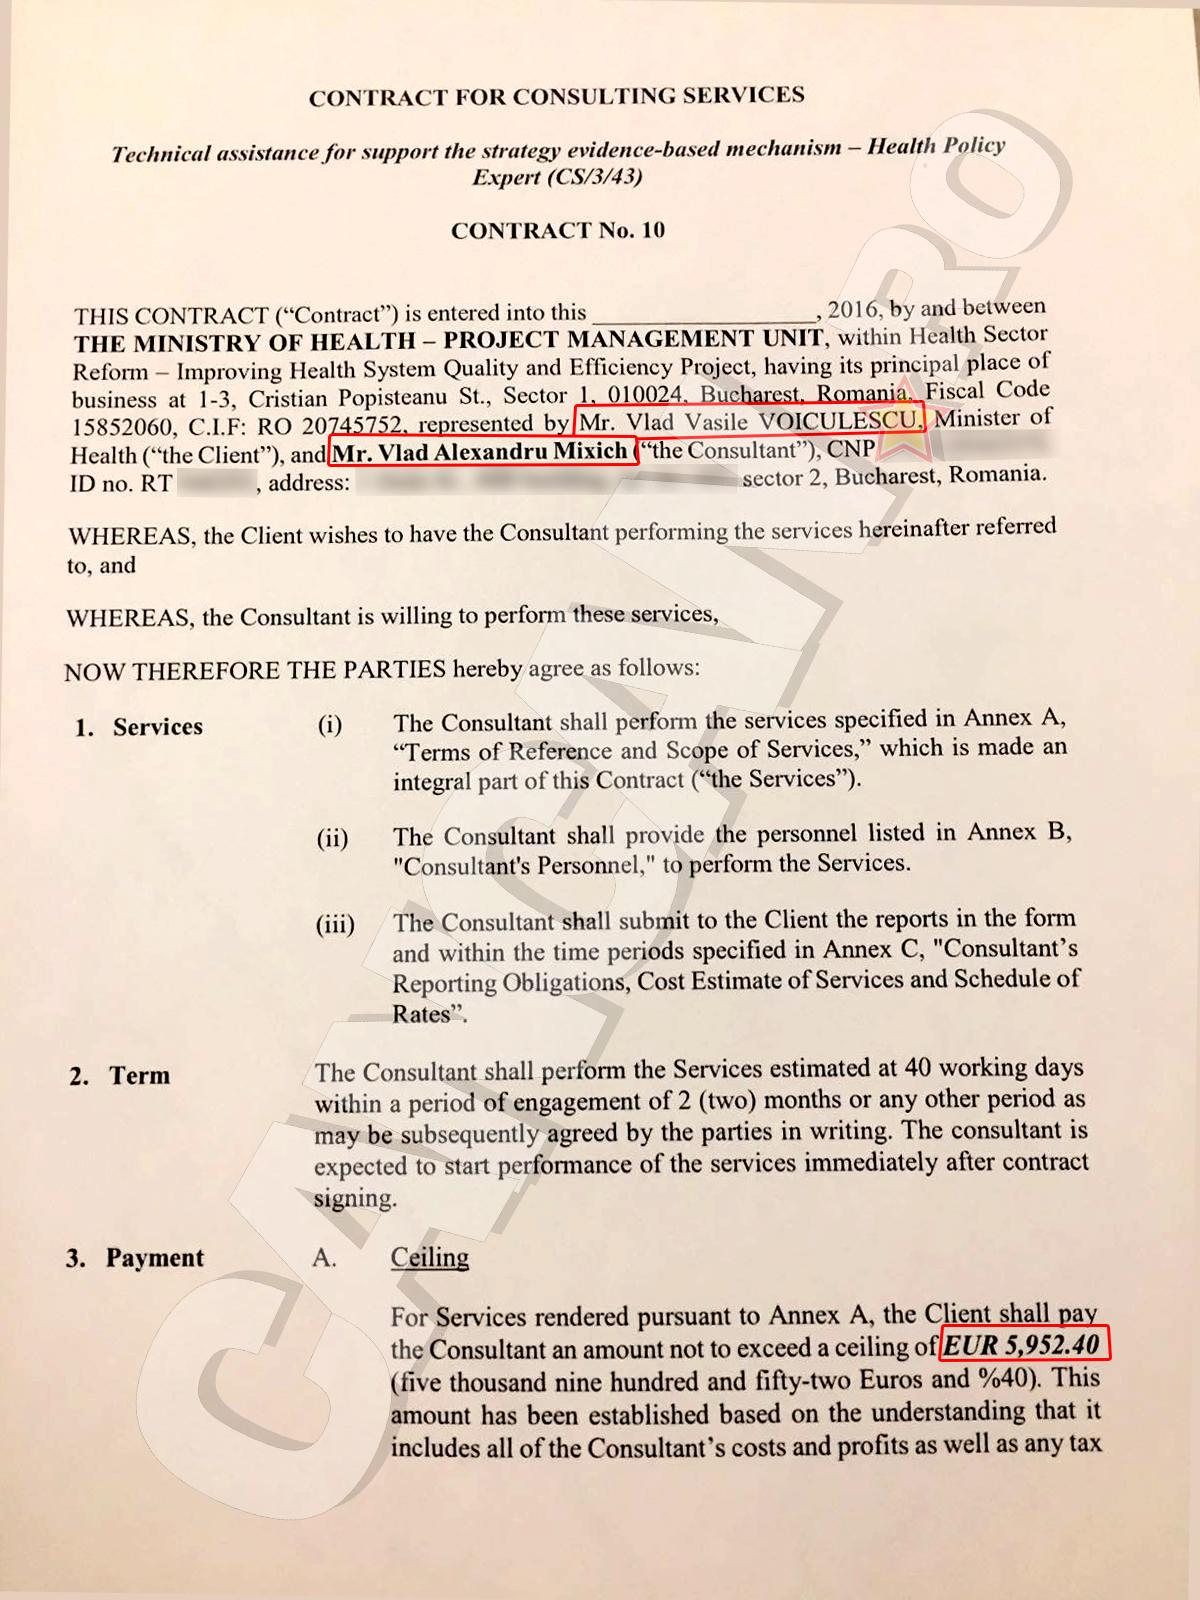 PREMIERĂ. Acesta este documentul (draft) prin care Ministerul Sănătăţii se angaja să-i plătească lui Mixich 6.000 de euro în schimbul unor servicii de consultanţă